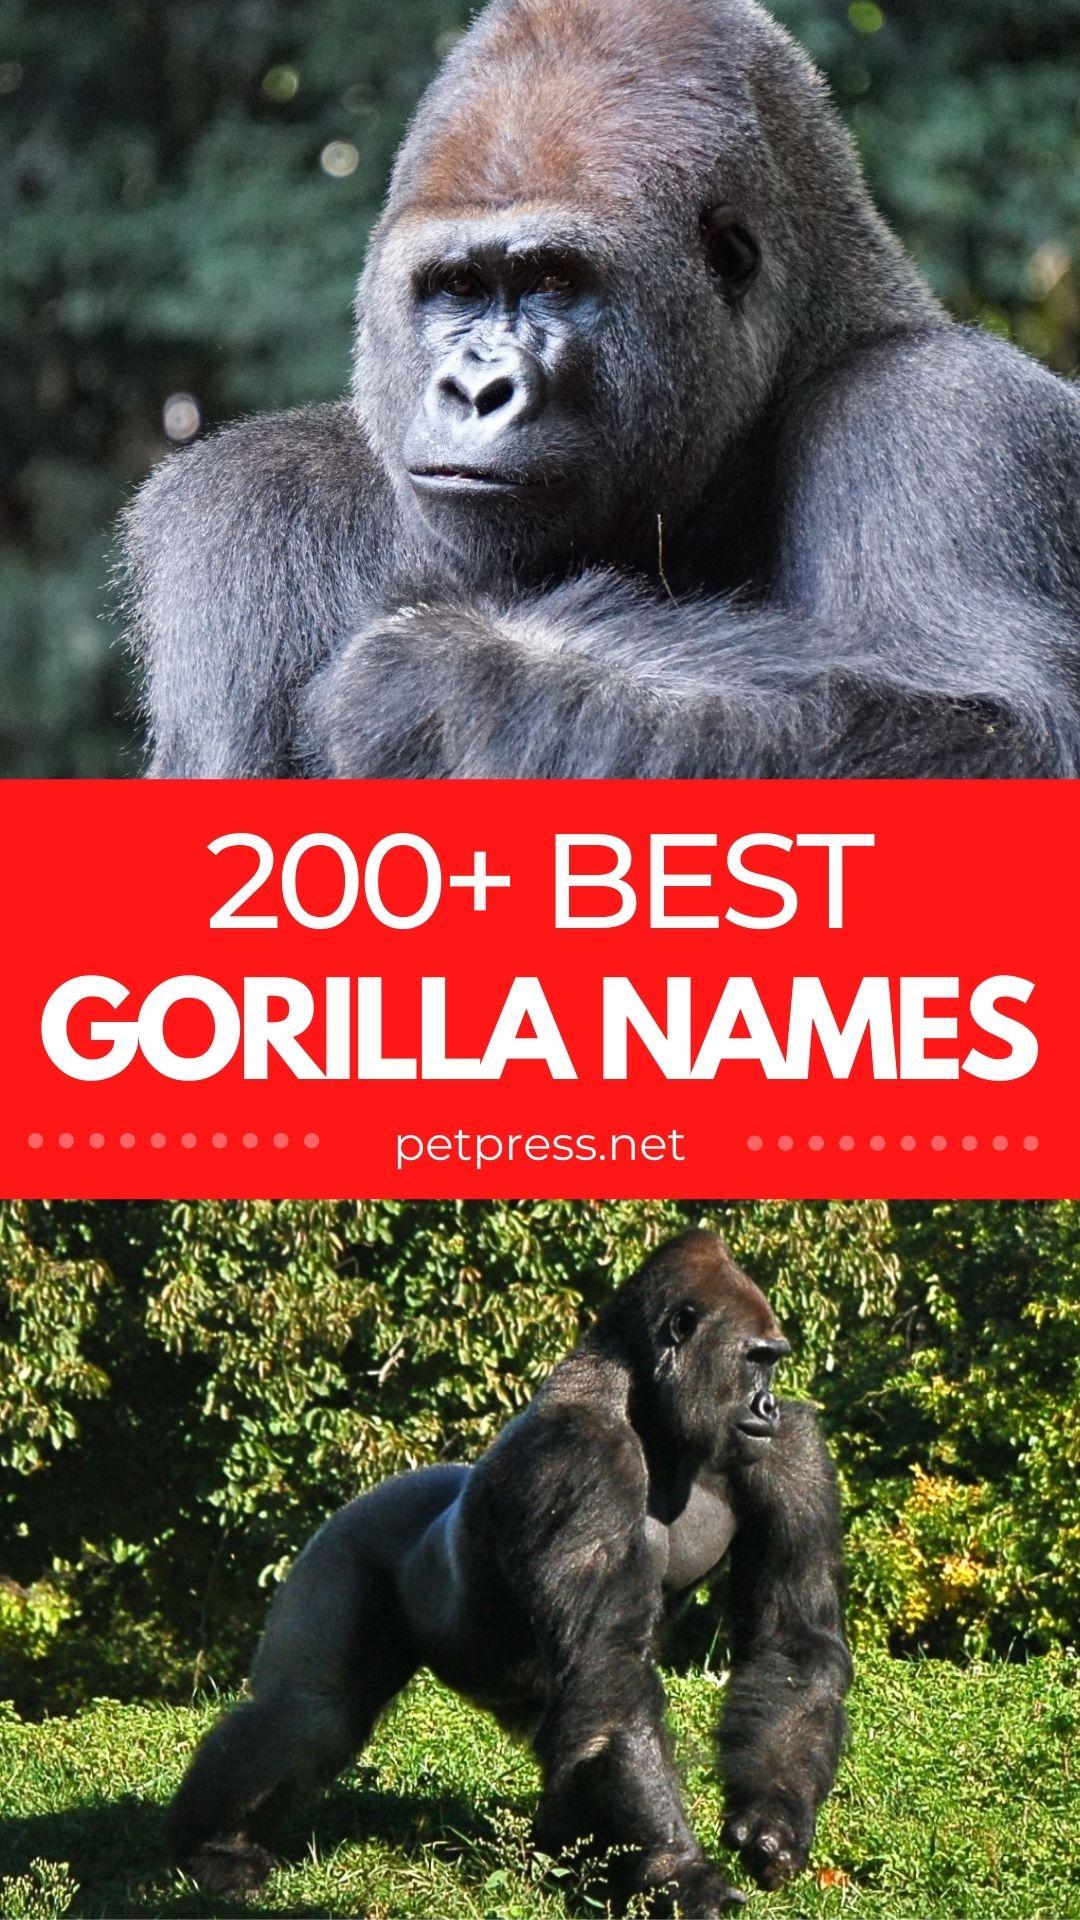 gorilla names for naming a gorilla